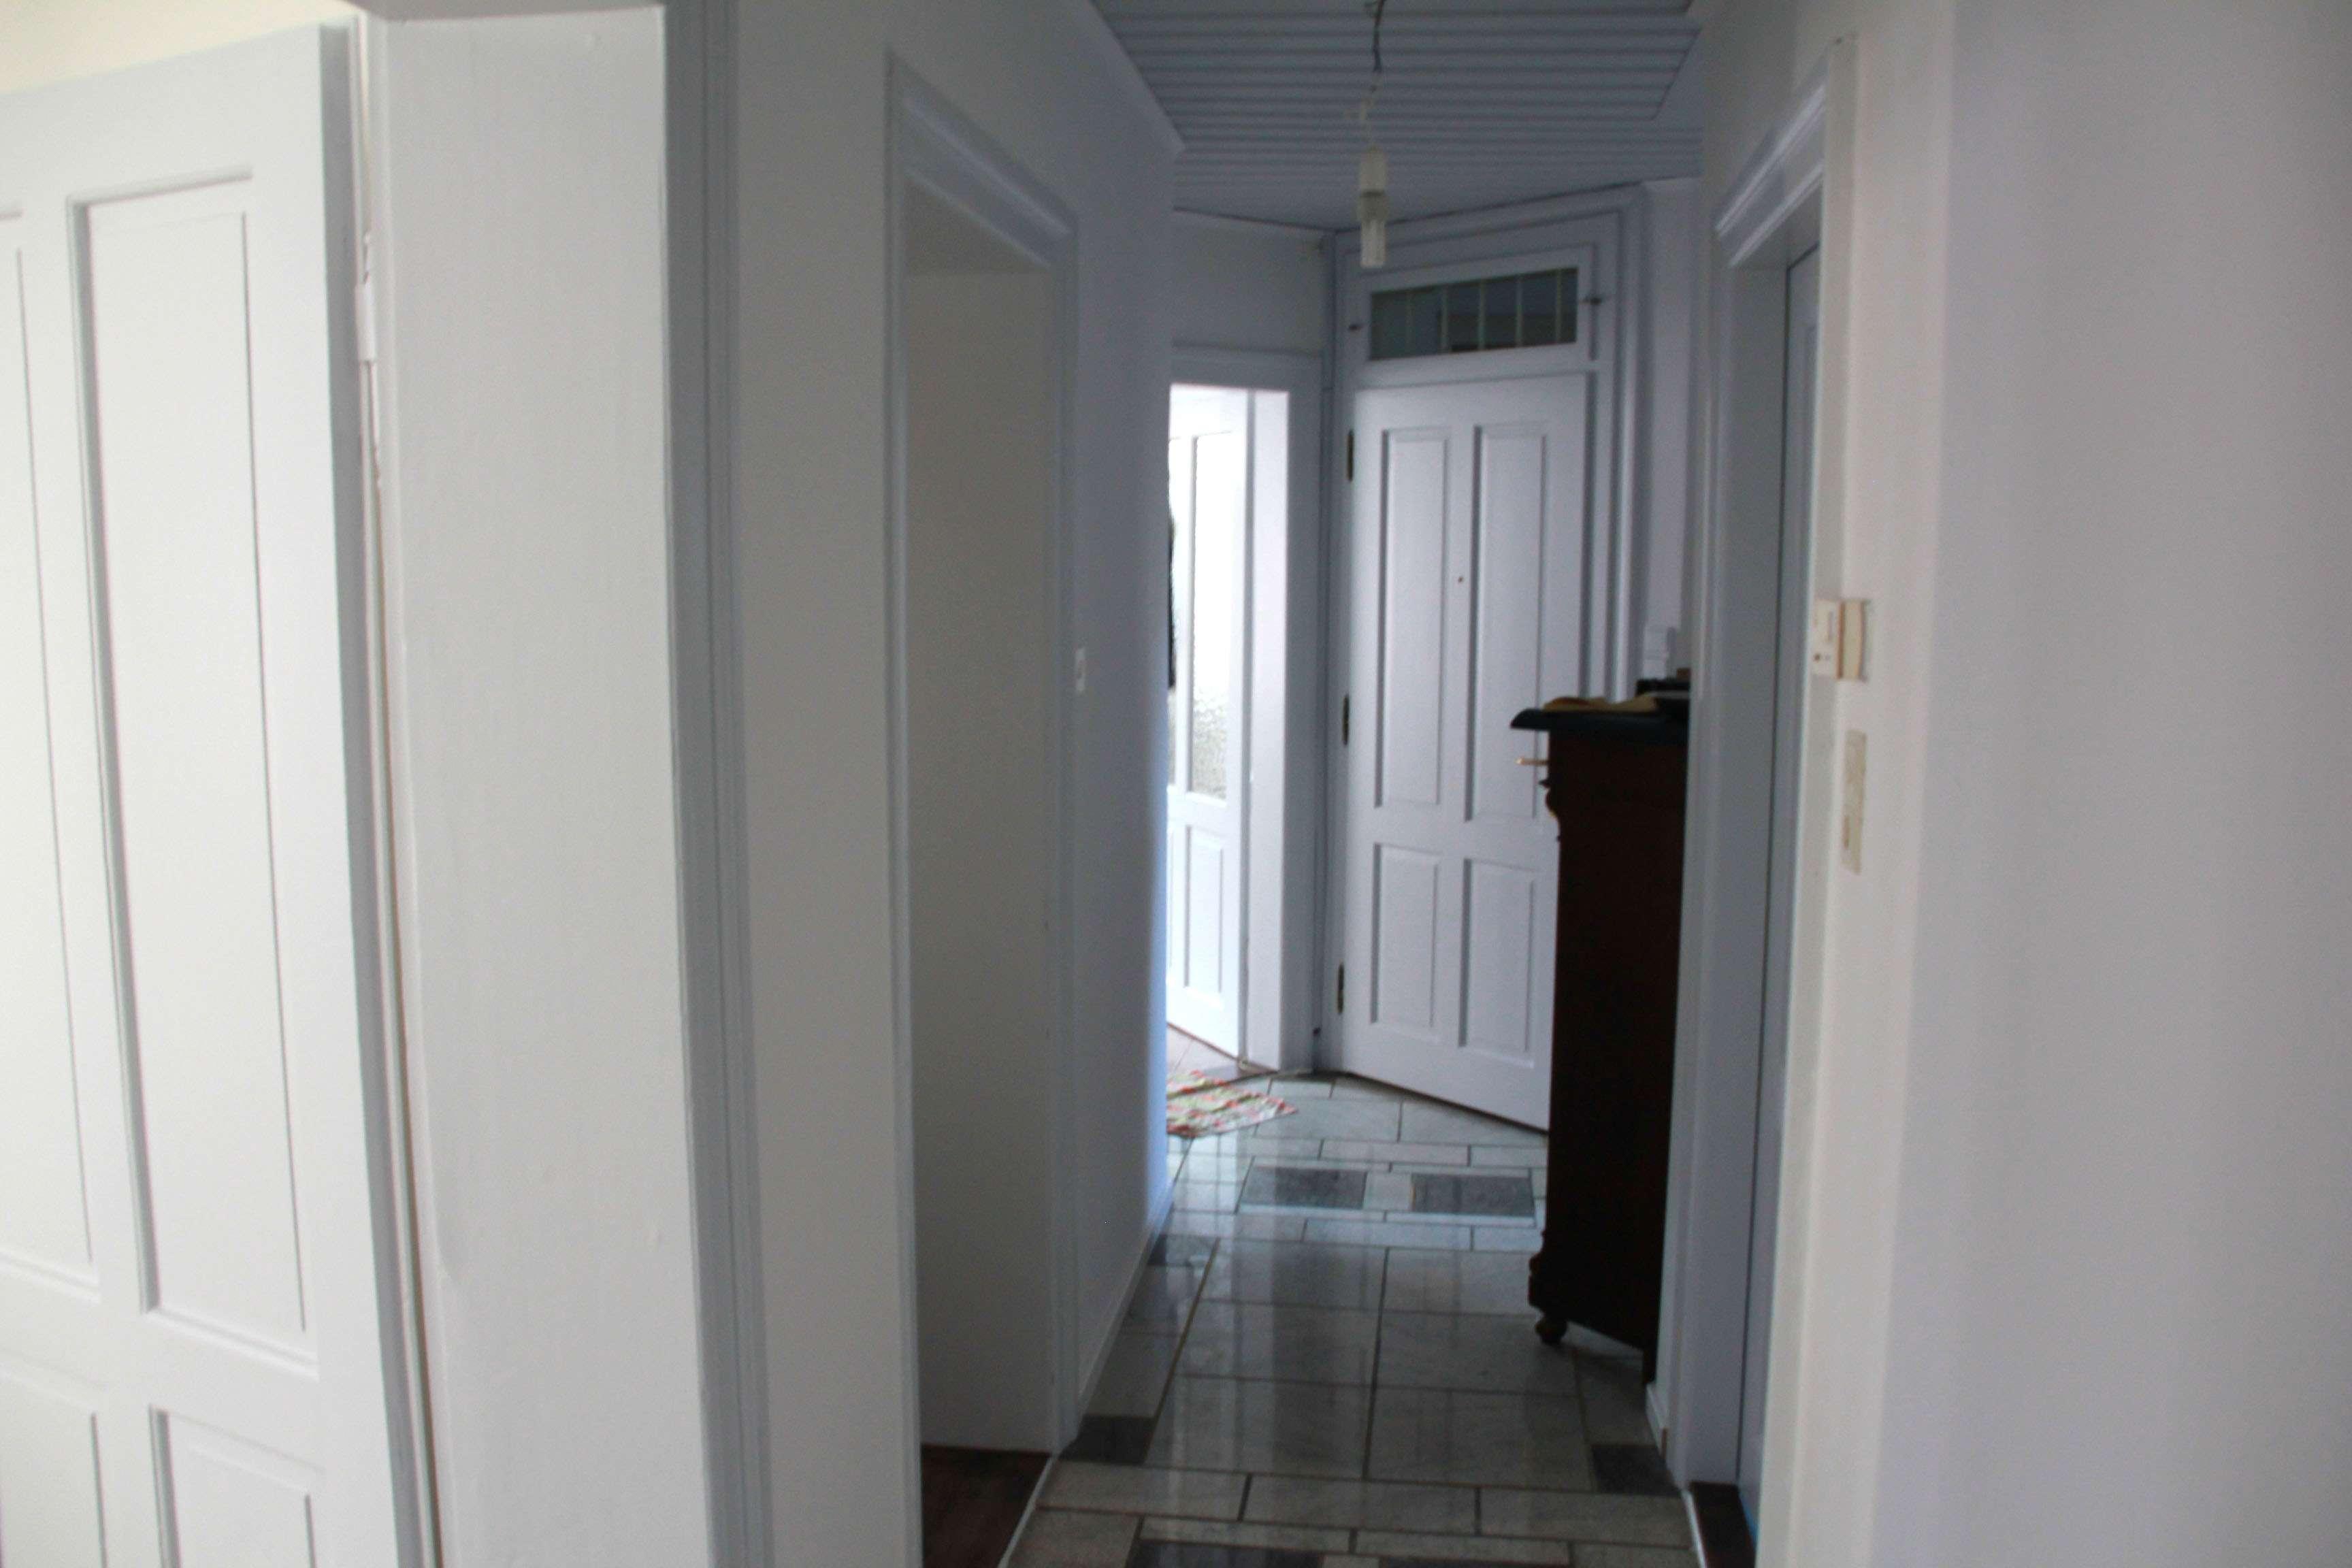 Wunderschöne 3-Zimmer- Jugendstil-Wohnung mit EBK am Mittleren Lech in Augsburg-Innenstadt